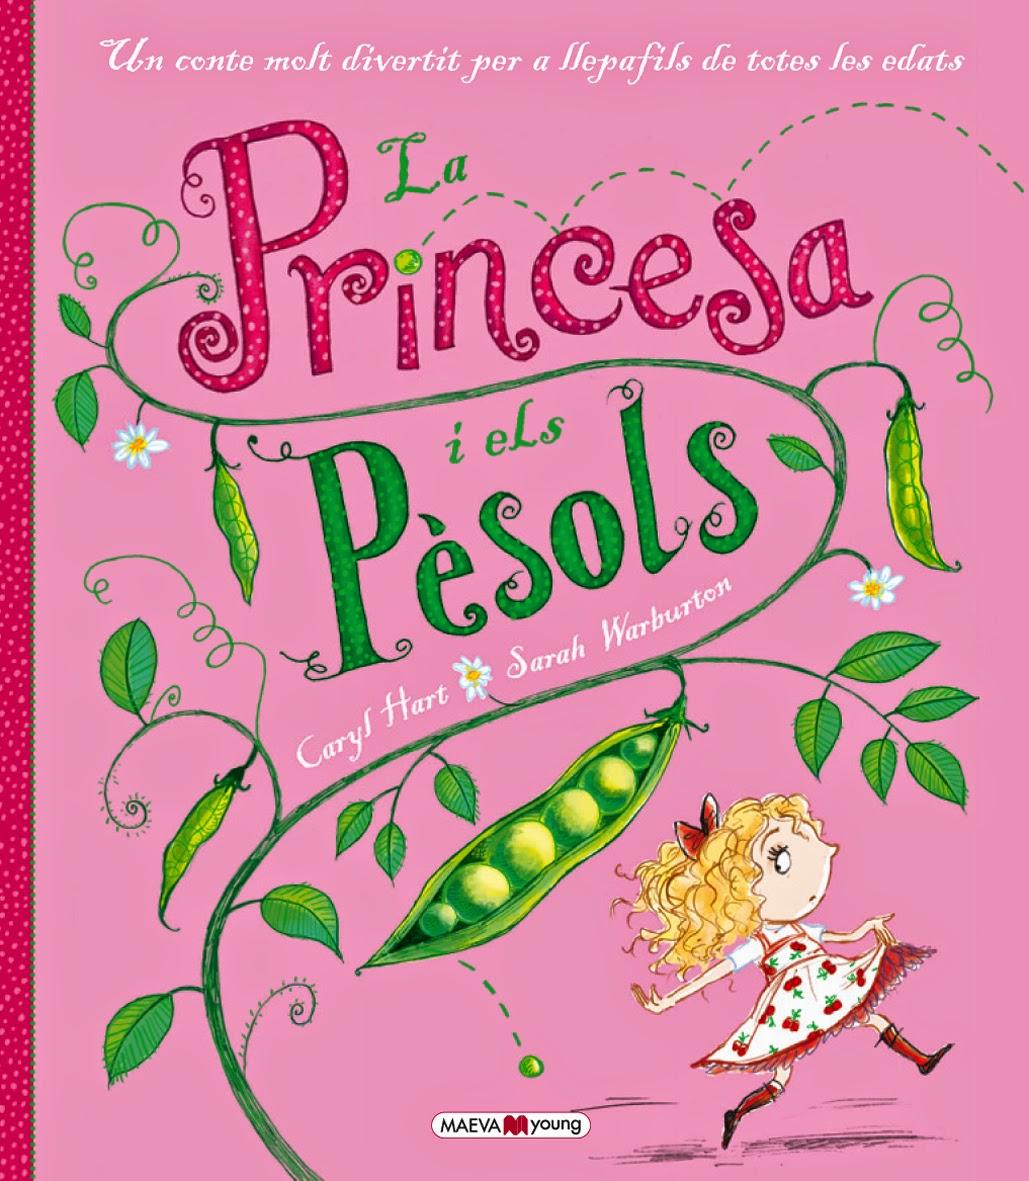 La princesa y los guisantes